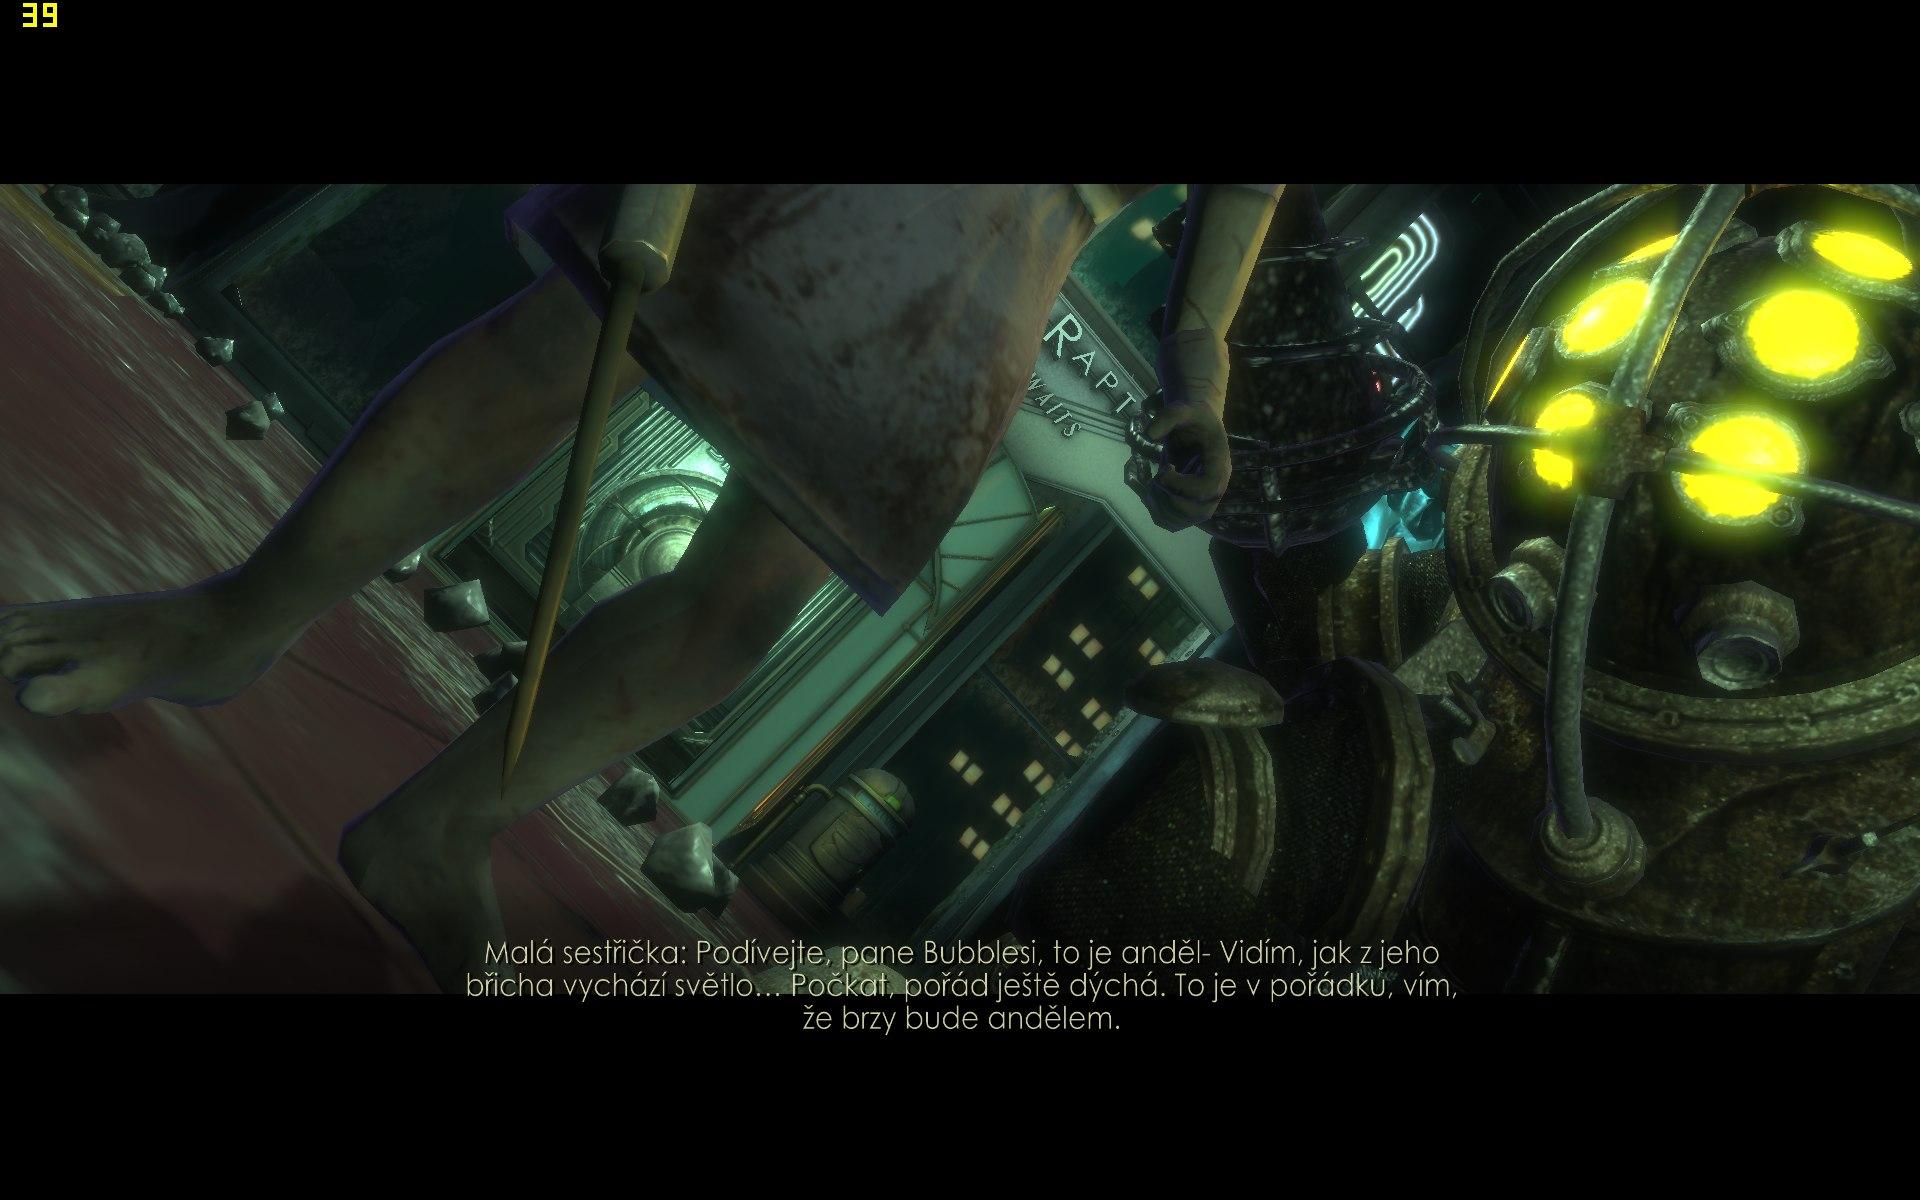 Hra Bioshock - výkon a nastavení kvality obrazu